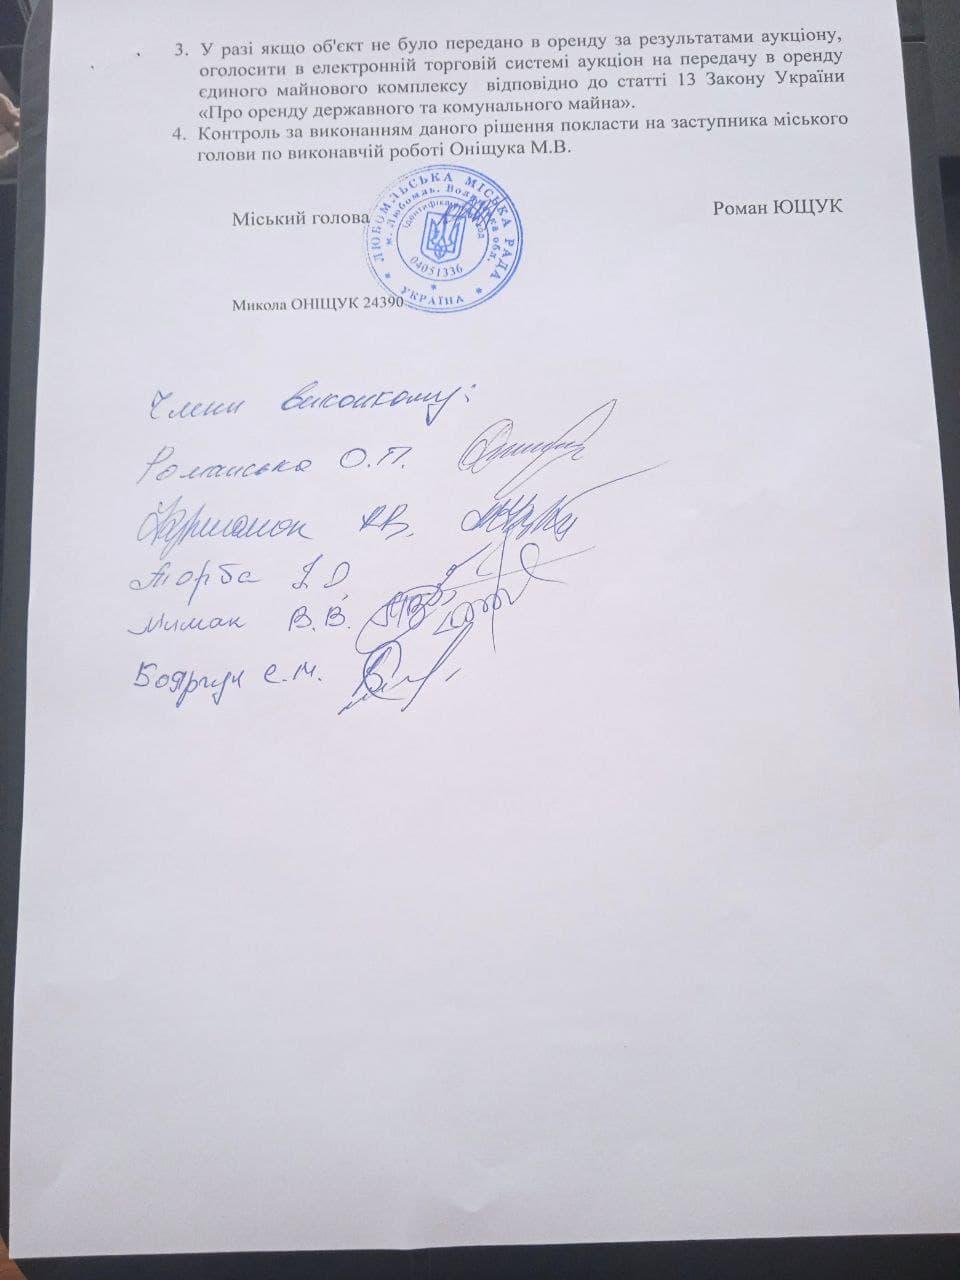 Оренда єдиного майнового комплексу комунального підприємства, що знаходиться за адресою:м.Любомль, вул.1-го Травня,32 та вул,Дружби,3